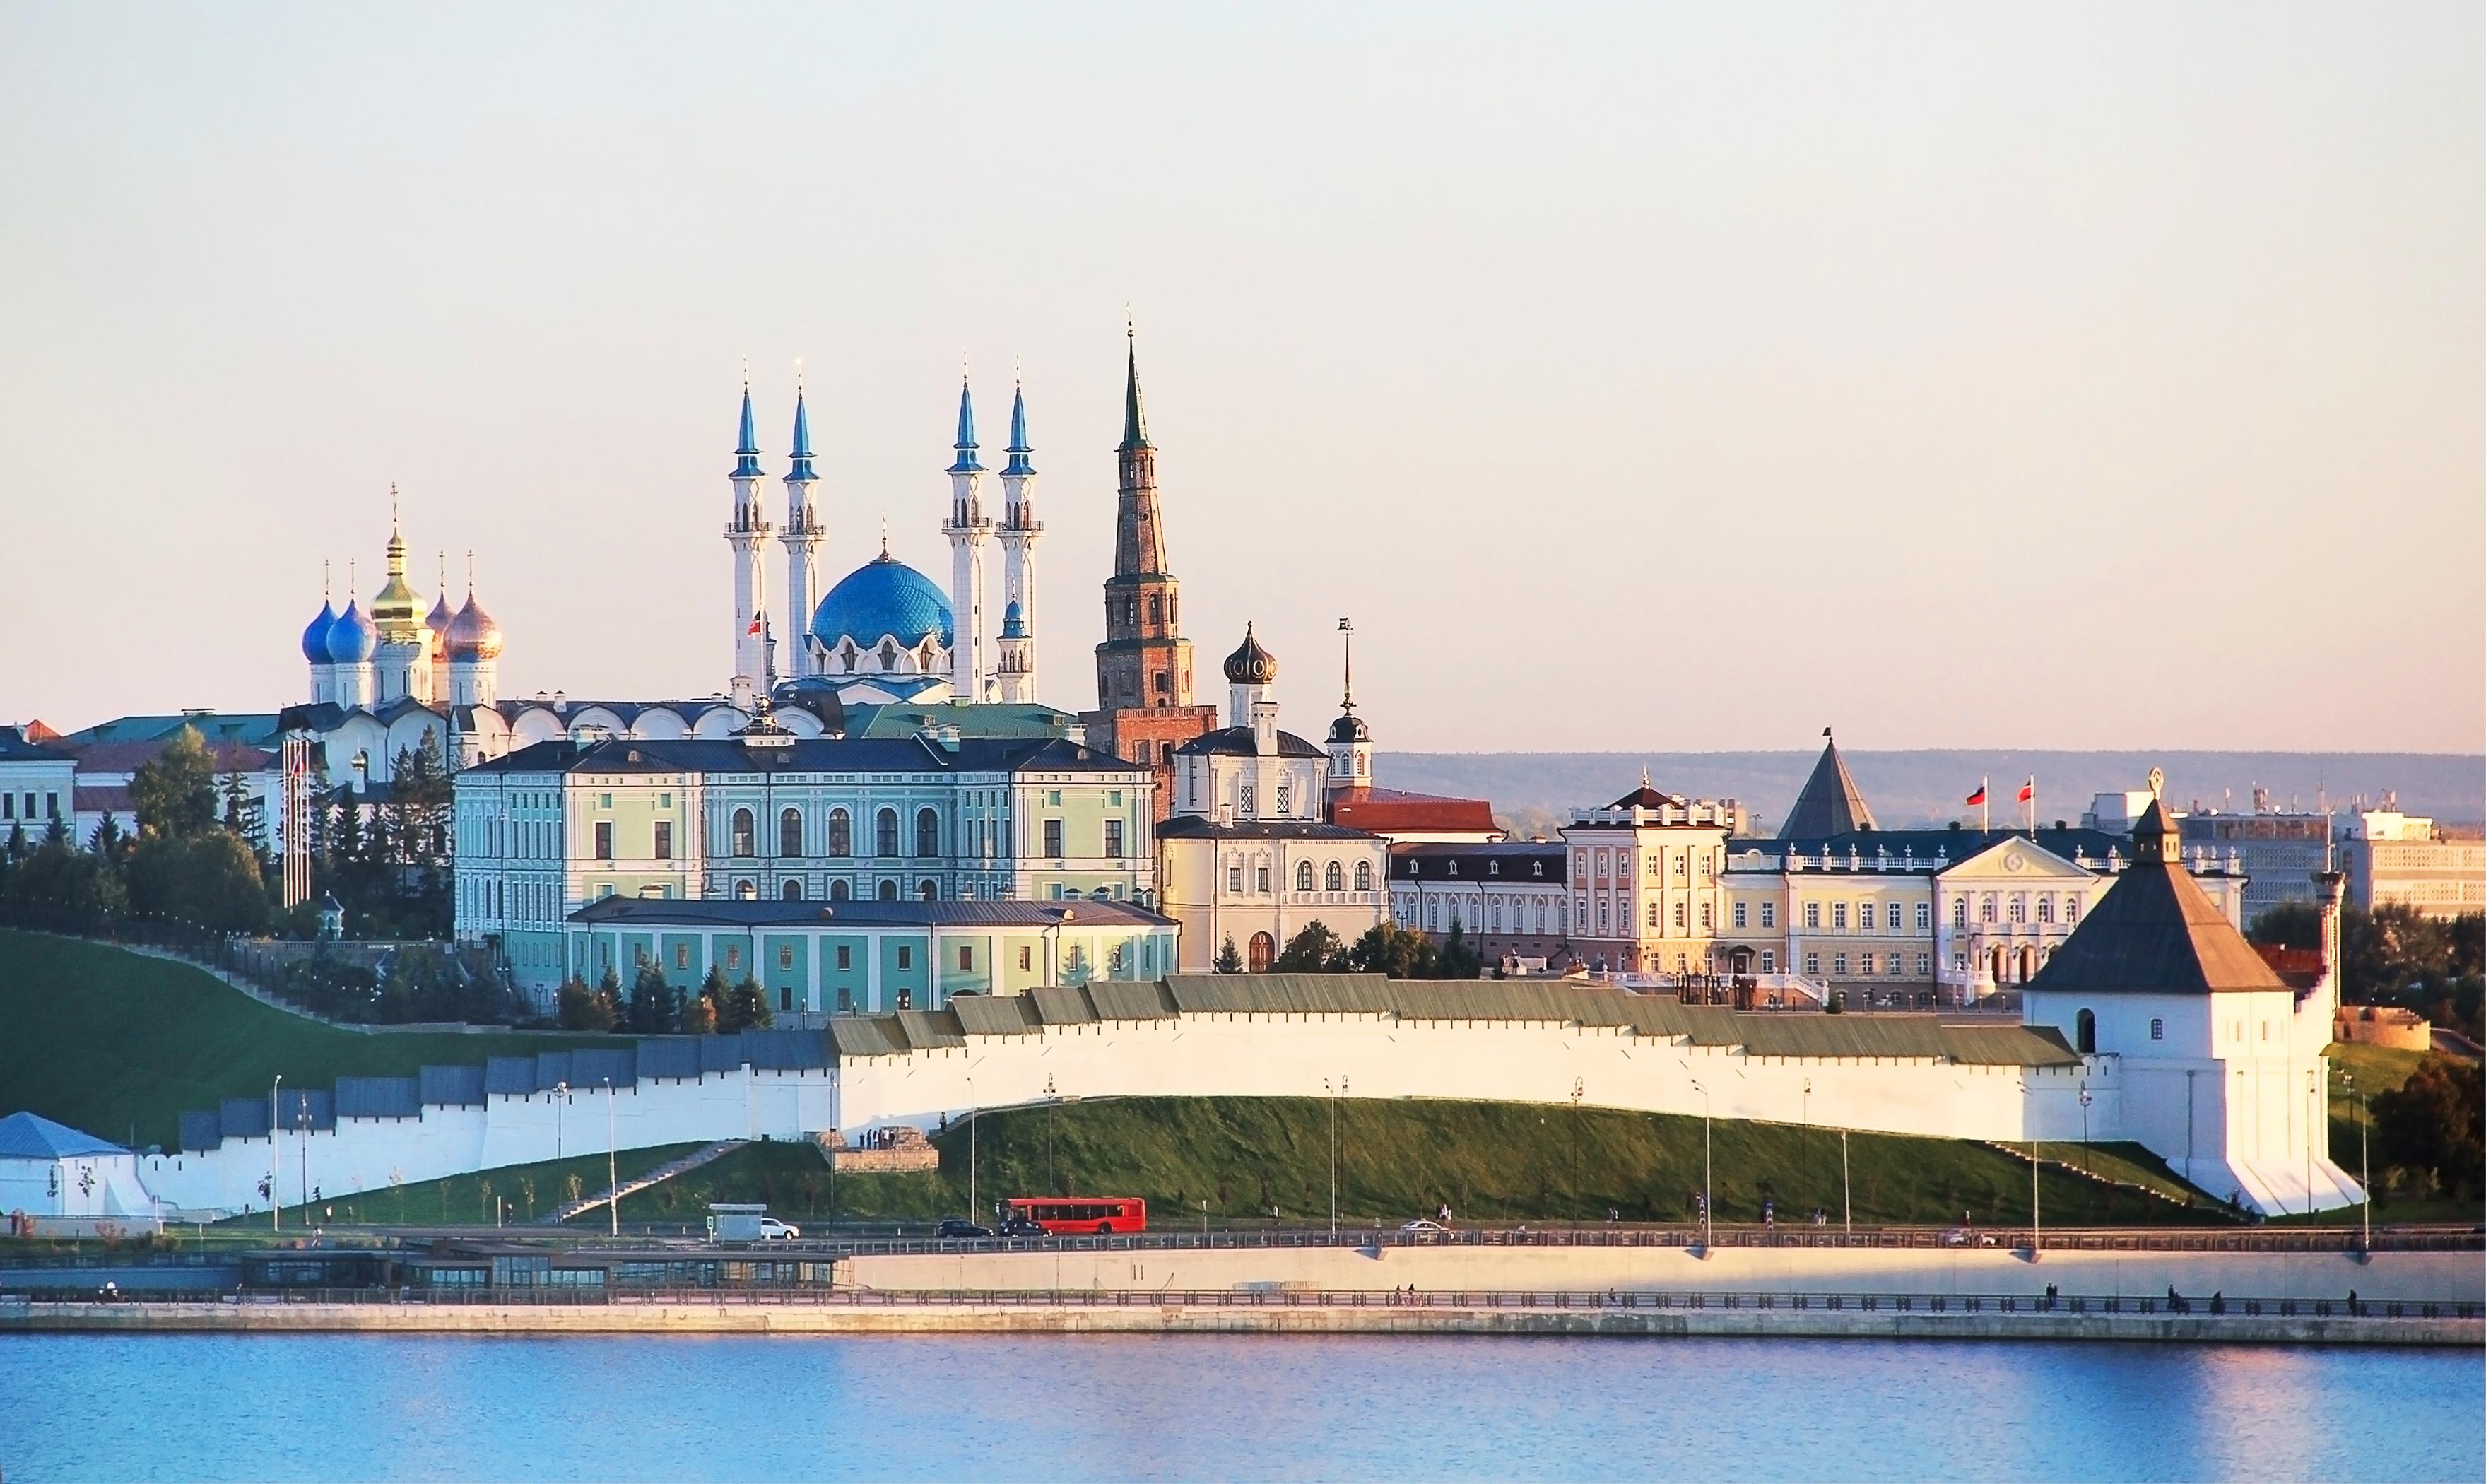 voyage d'affaires en Russie a Kazan avec un visa business